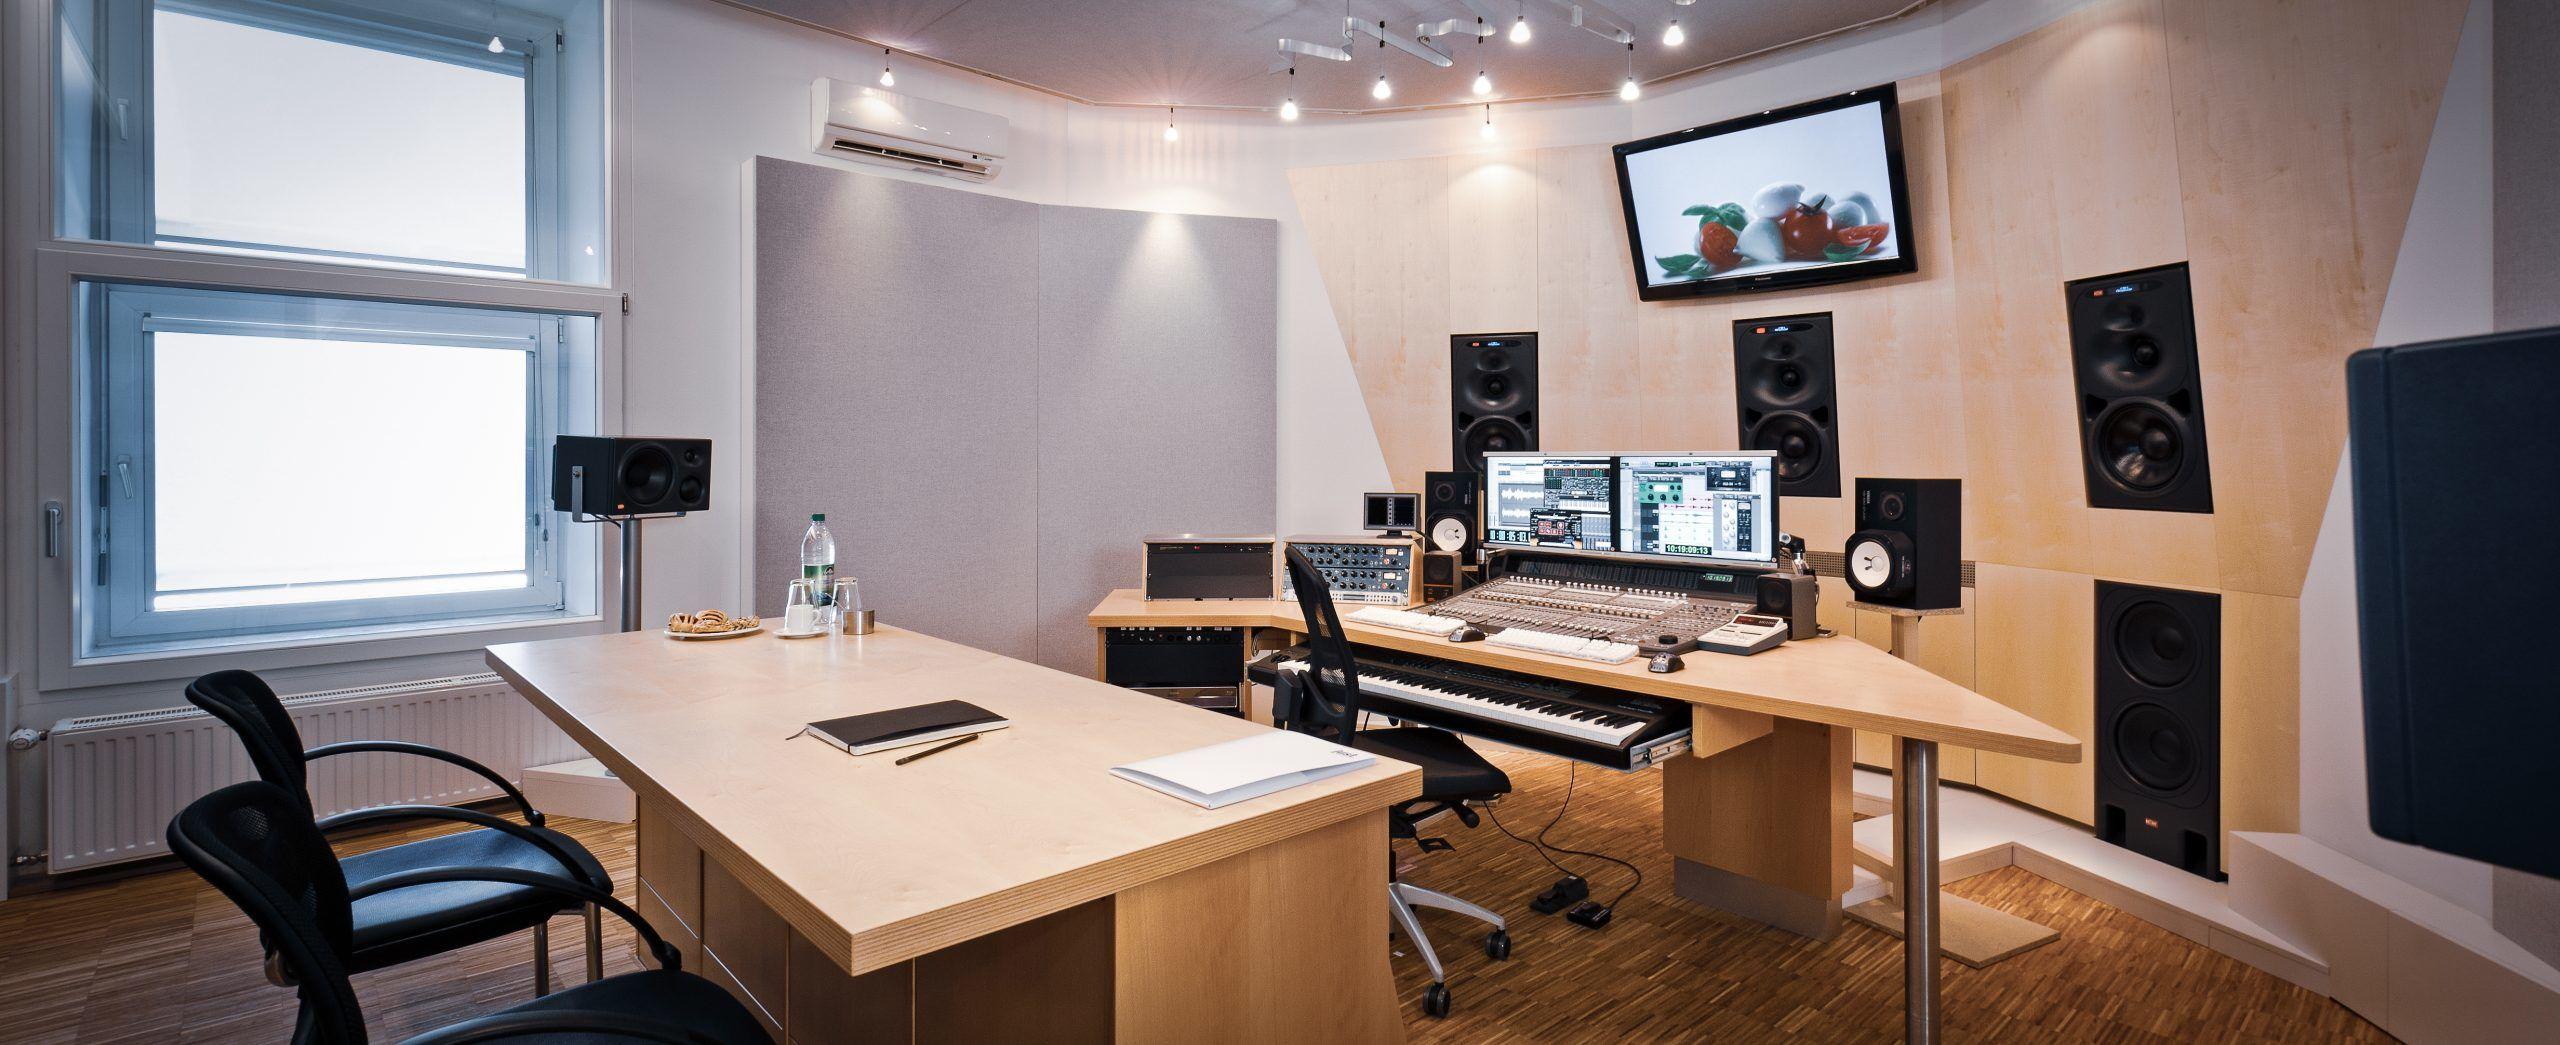 Tonstudio der just GmbH audiovisuelle produktionen, Zielstattstraße 19, 81379 München, Regie 1